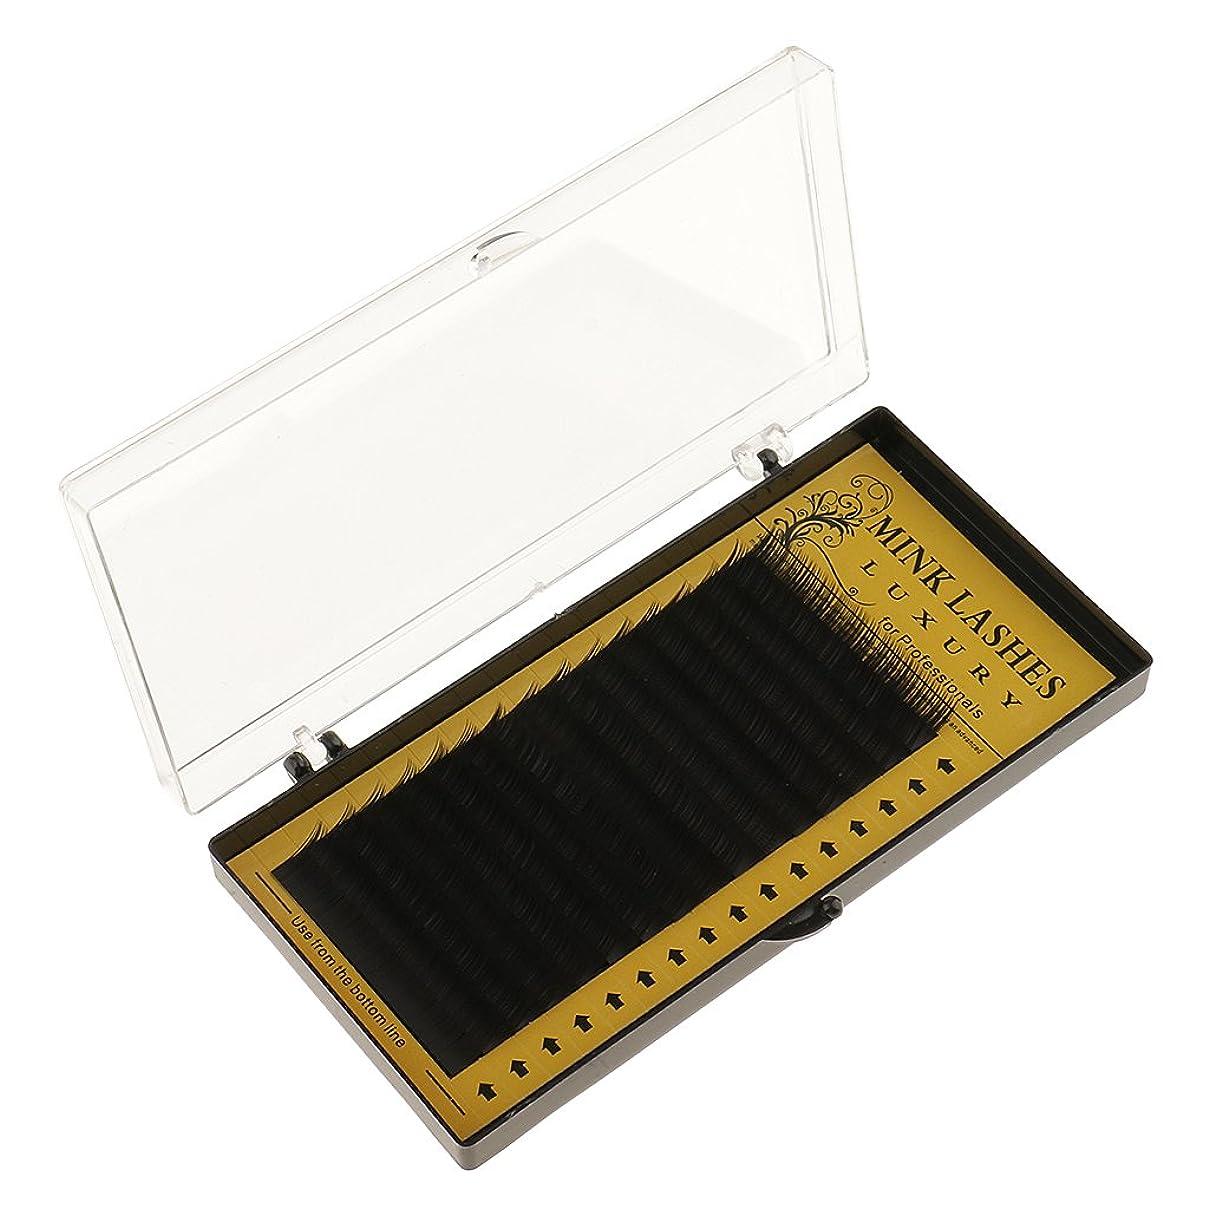 以上外向き今までPerfeclan 約8-12mm プロ サロン まつげエステ ナチュラル つけまつげ 延長 ファブリック まつげ拡張 全3サイズ - 12mm